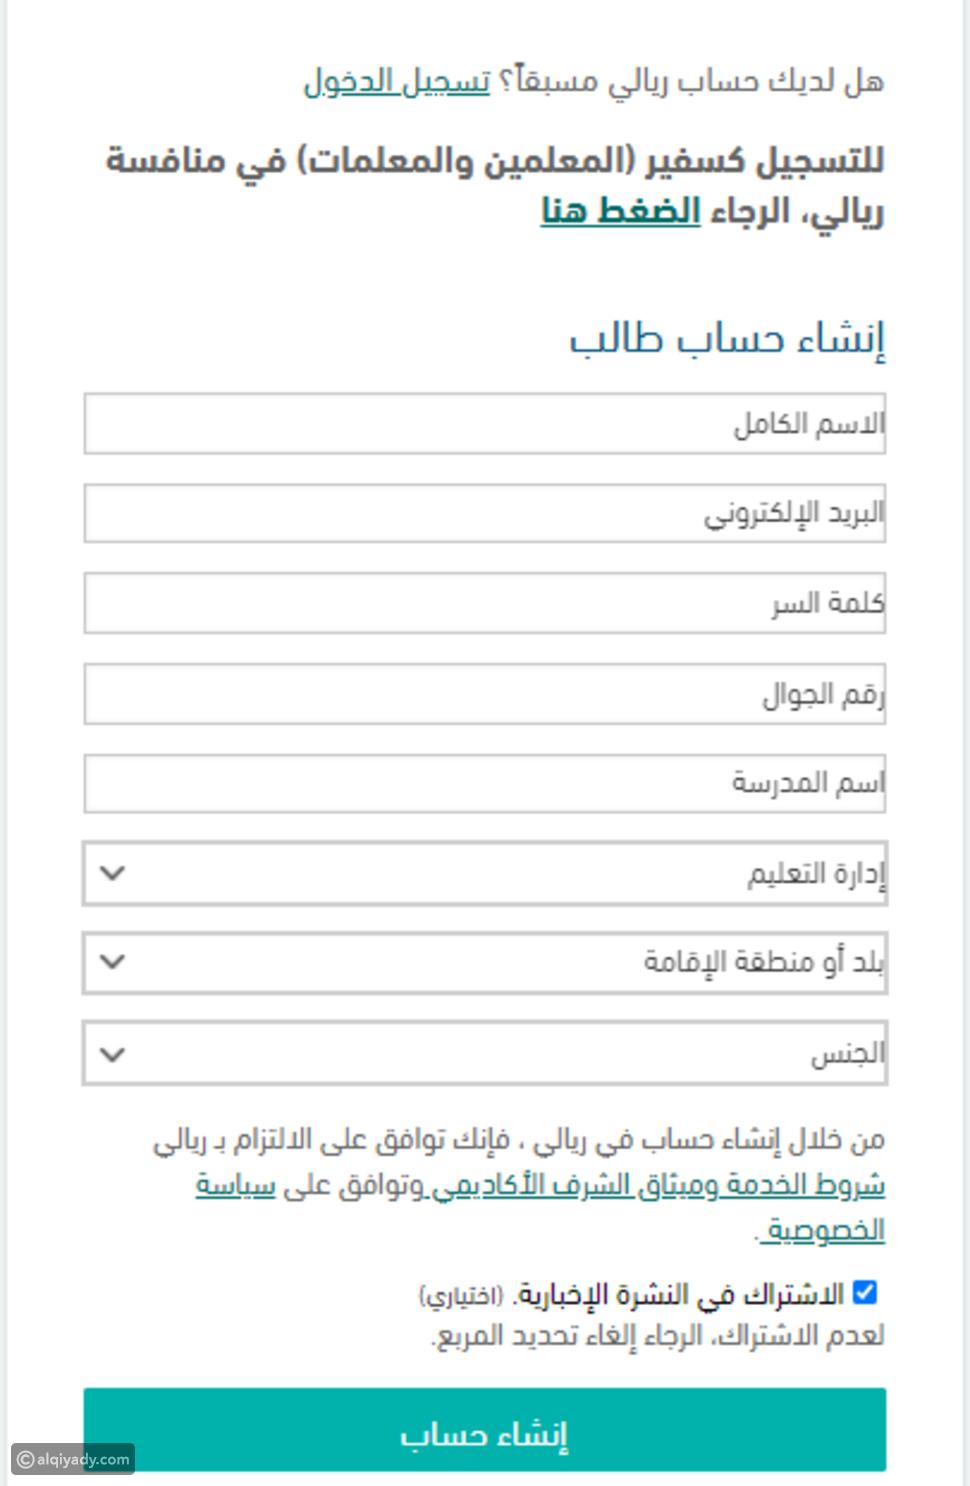 ريالي: خطوات التسجيل بالمسابقة لمراحل التعليم السعودي